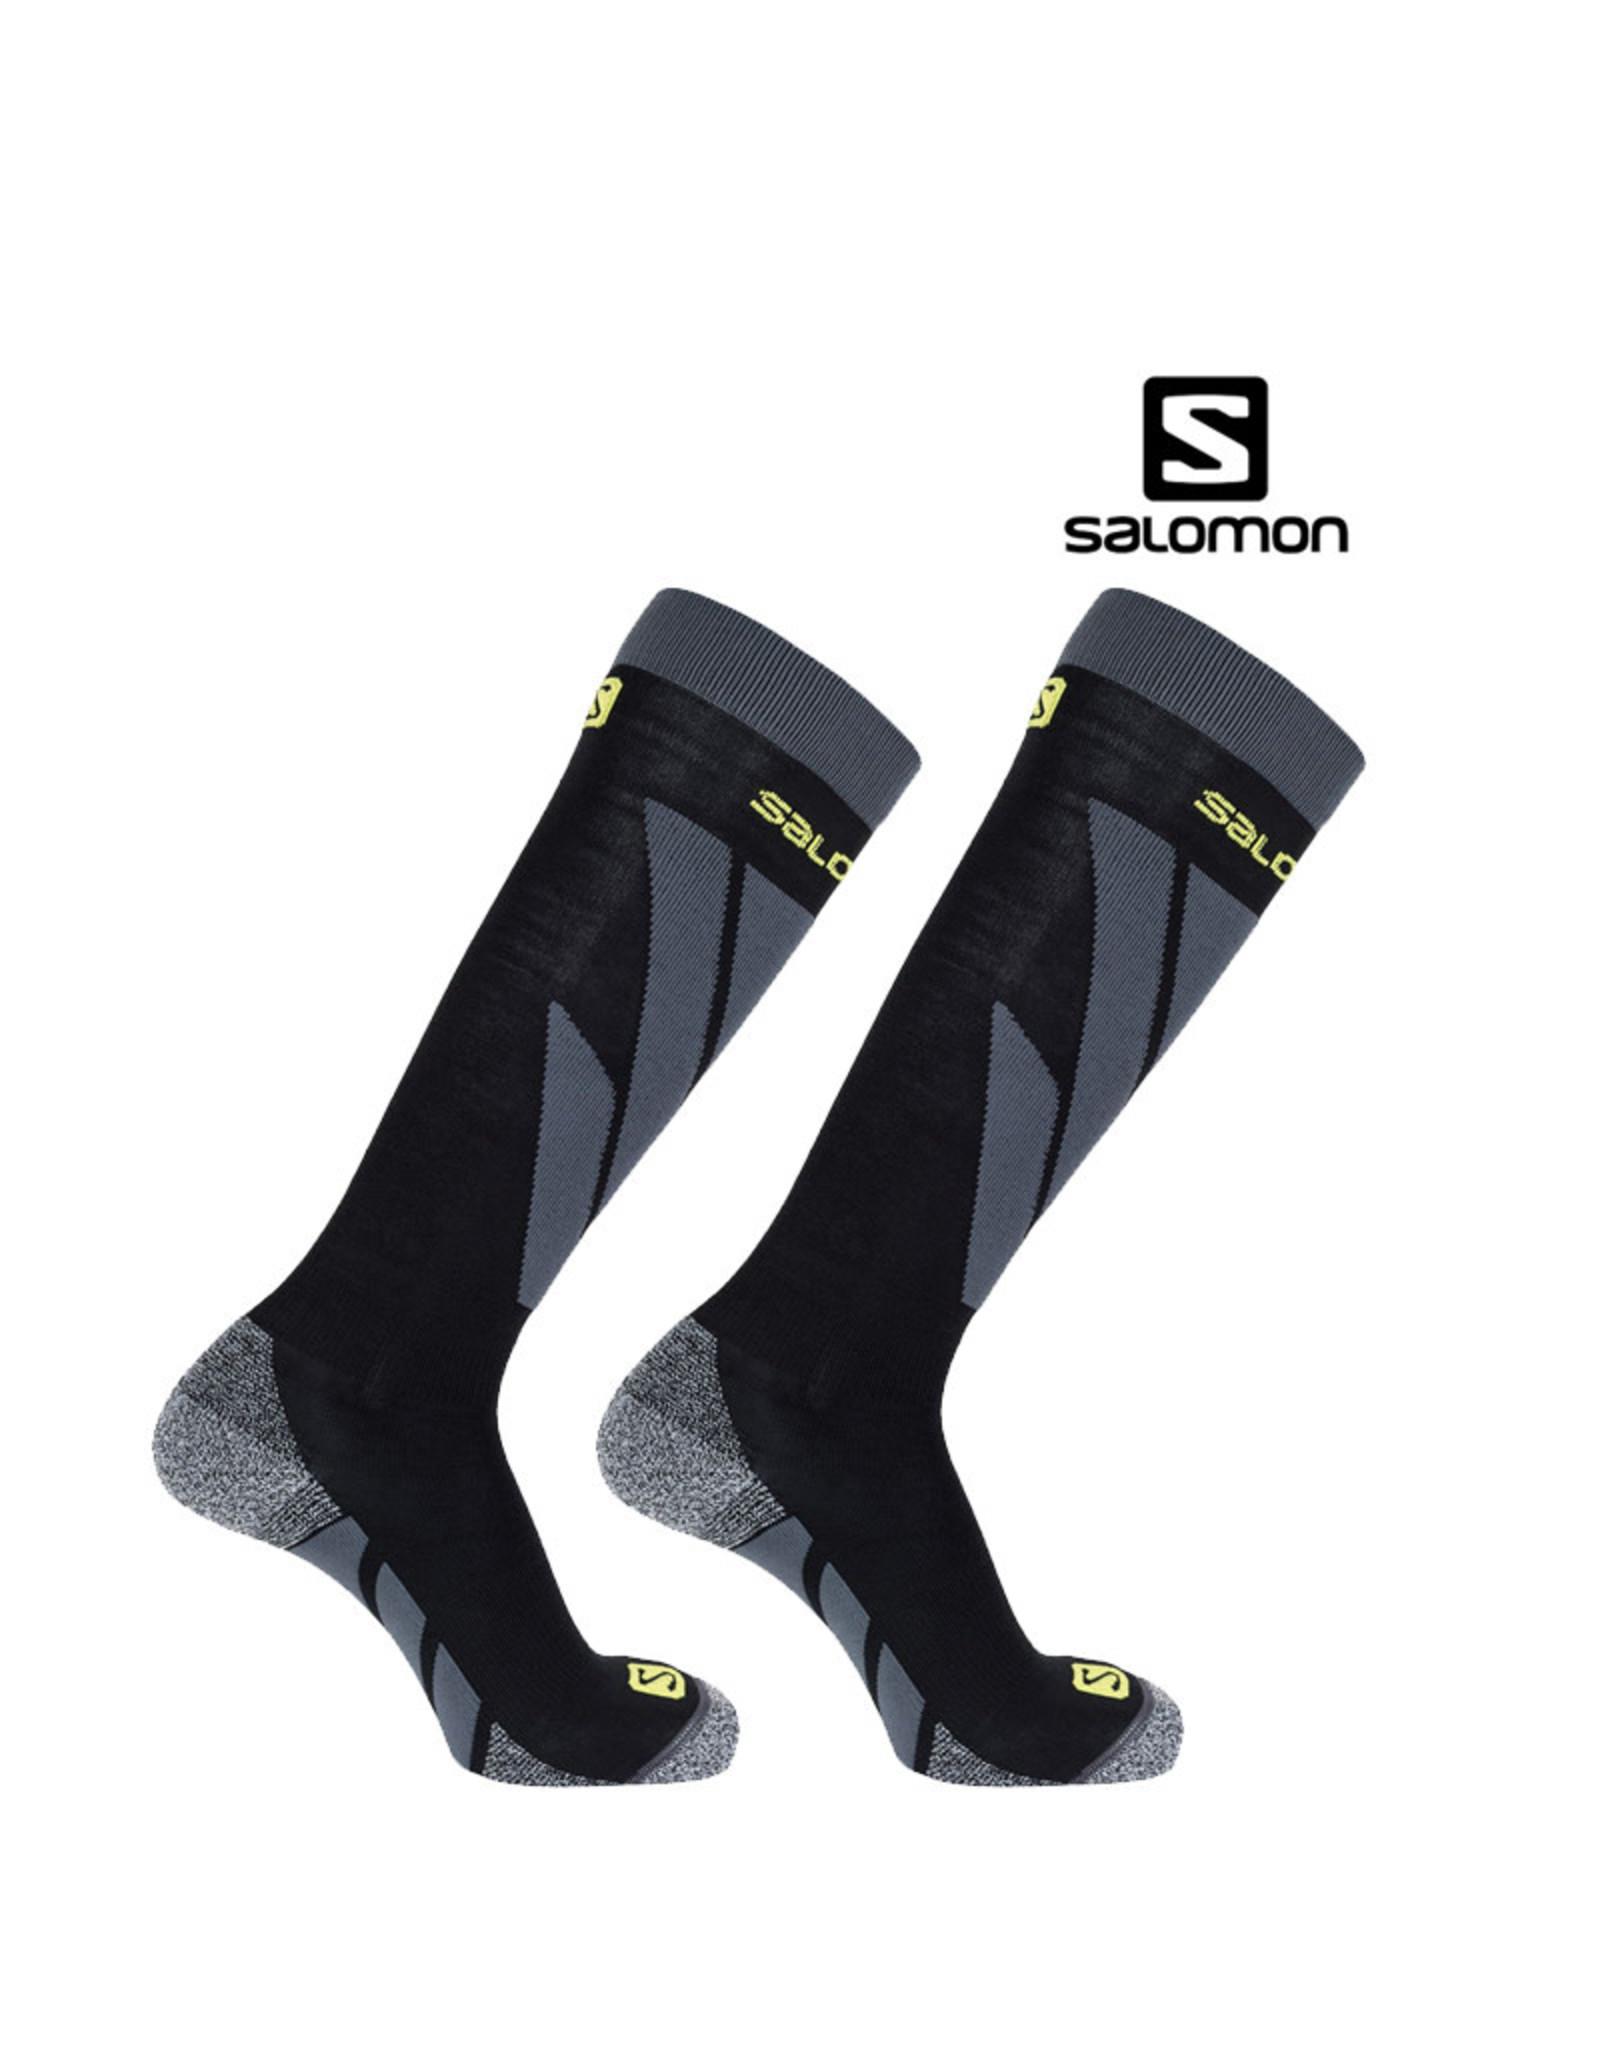 SALOMON SALOMON SKISOKKEN  S/ACCESS Black/Forced Iron 45-47